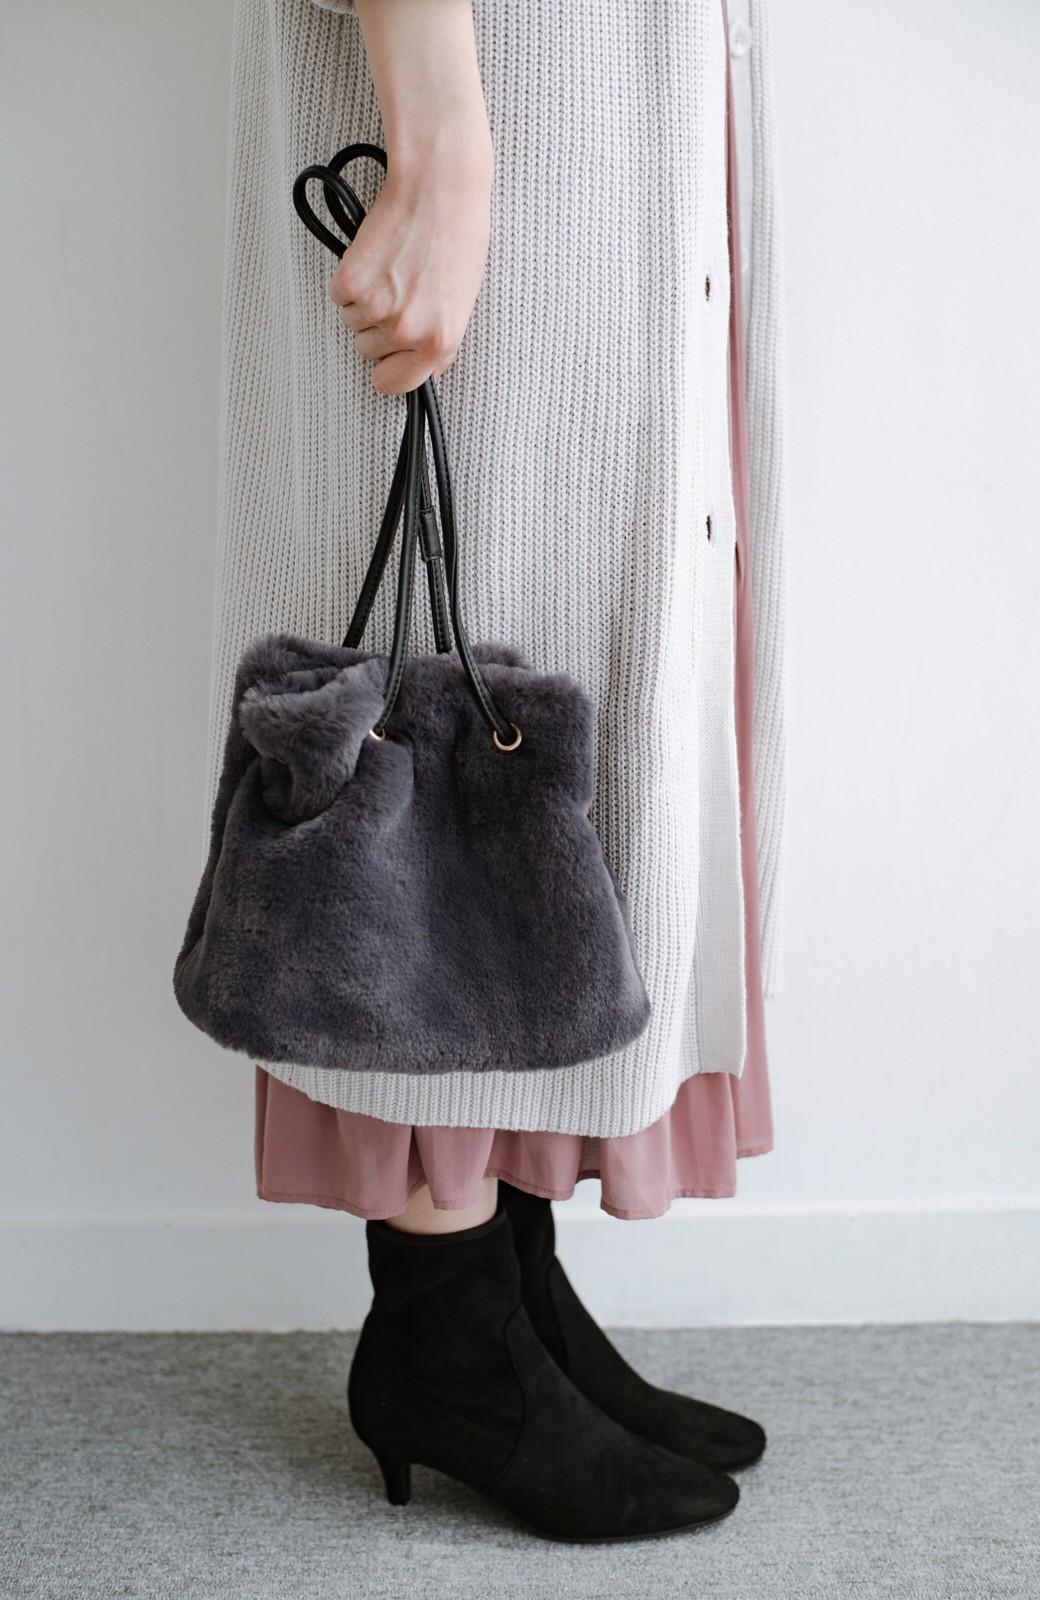 haco! さっと持って気分が上がる ふわっとかわいいエコファー巾着バッグ <チャコールグレー>の商品写真1